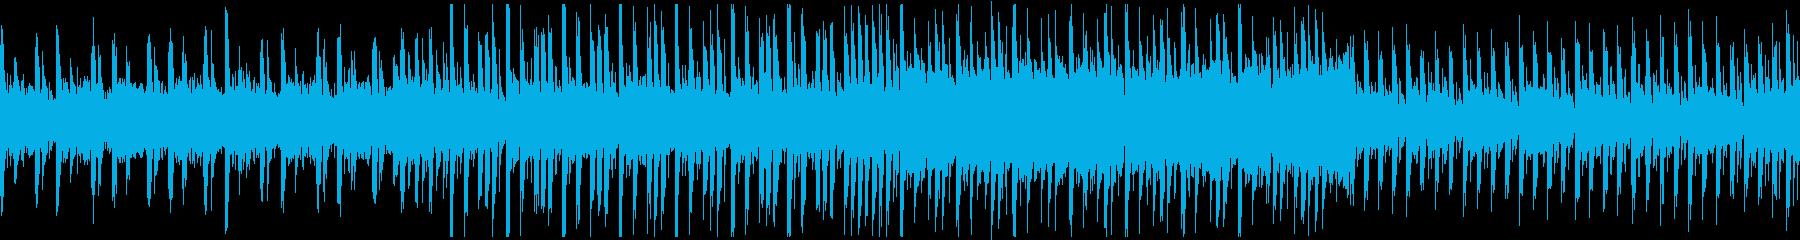 [販促用]さわやかテクノインストの再生済みの波形